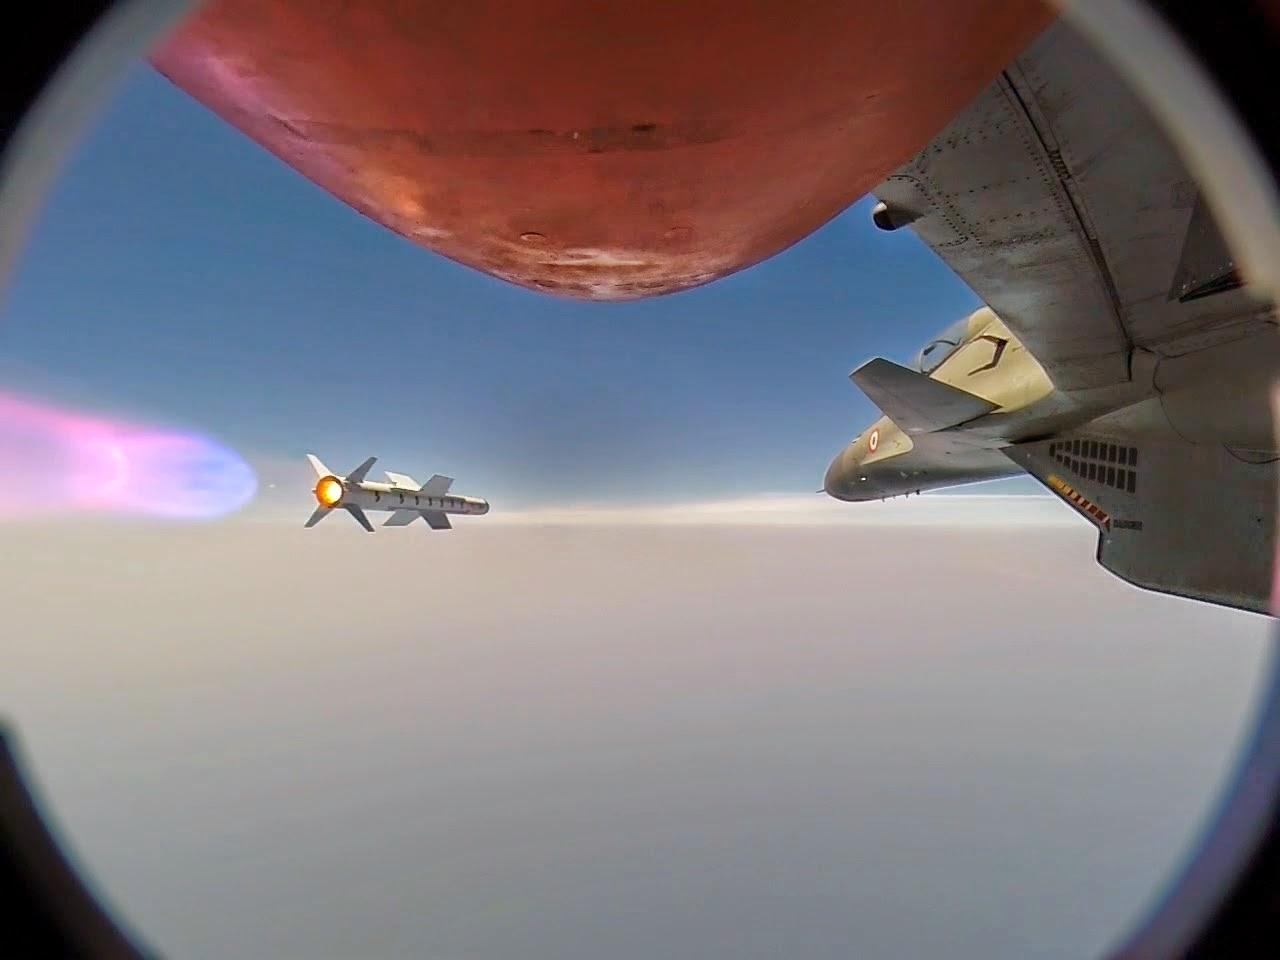 Индия успешно испытала ракету Astra класса «воздух-воздух»